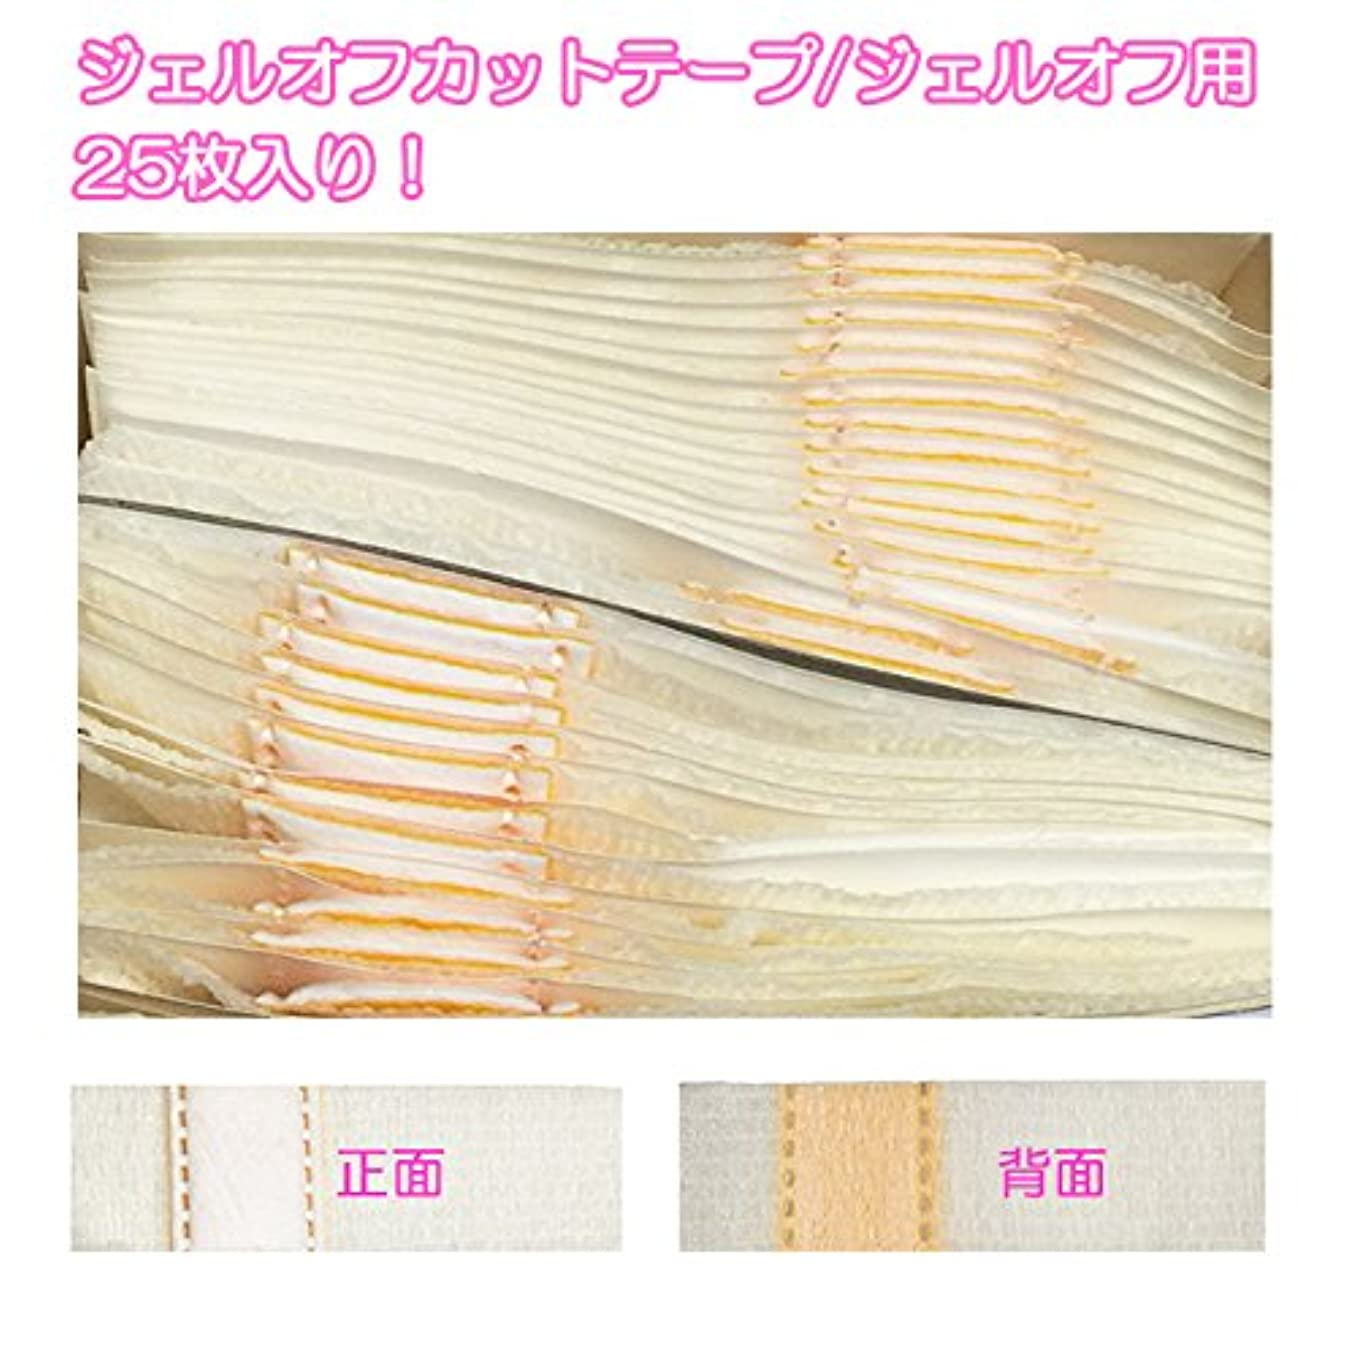 企業まで厚さジェルオフカットテープ/ジェルオフ用【25枚入り】 (ホワイト)